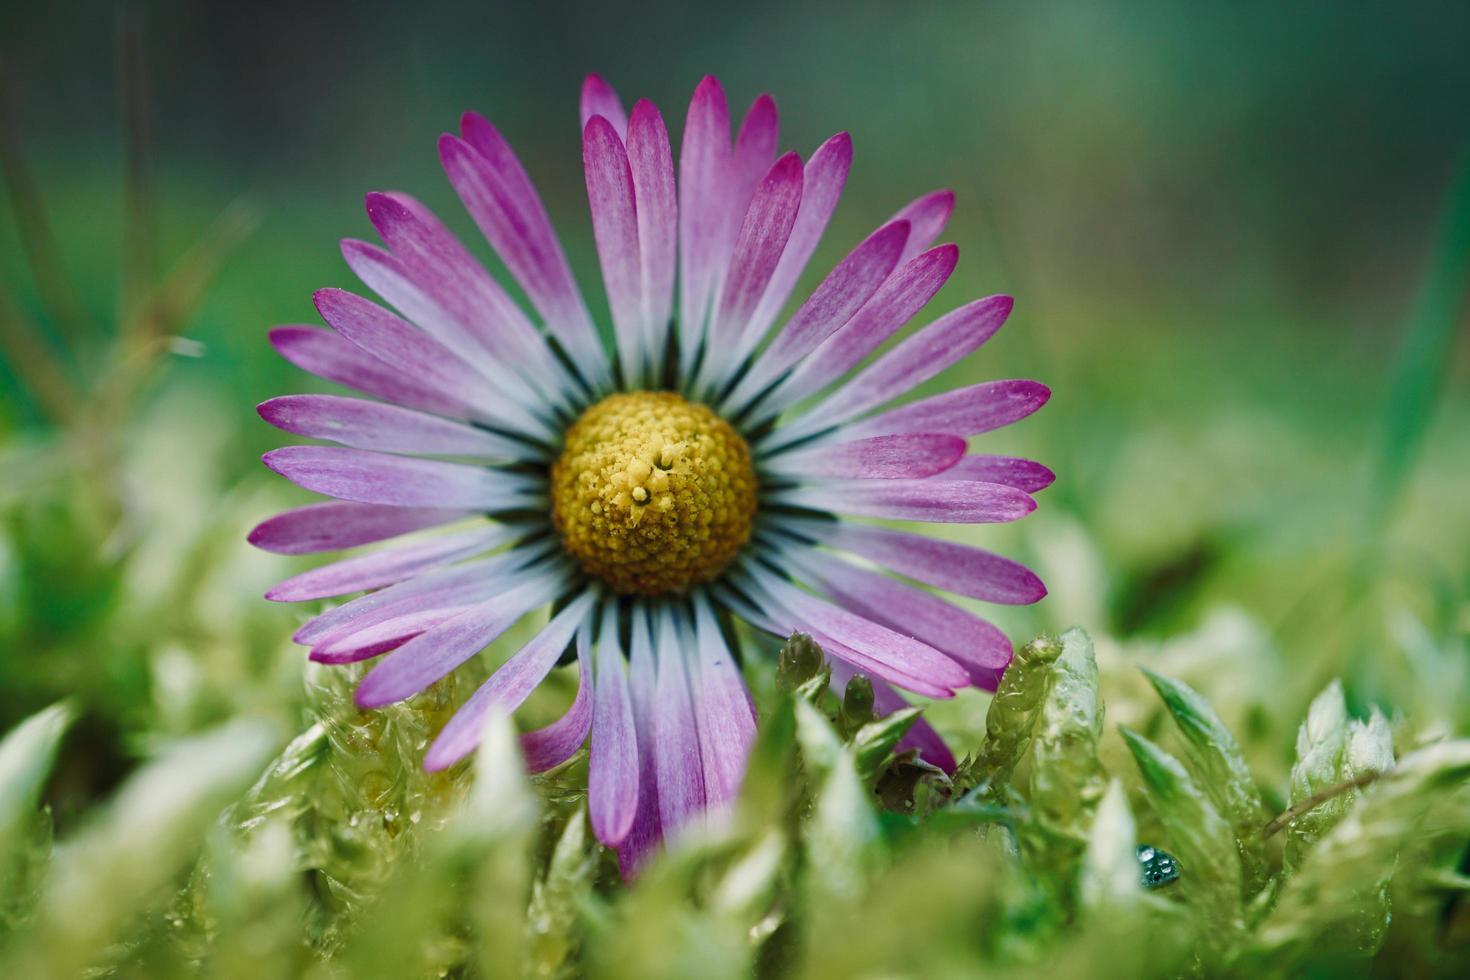 bellissimo fiore margherita nella stagione primaverile foto